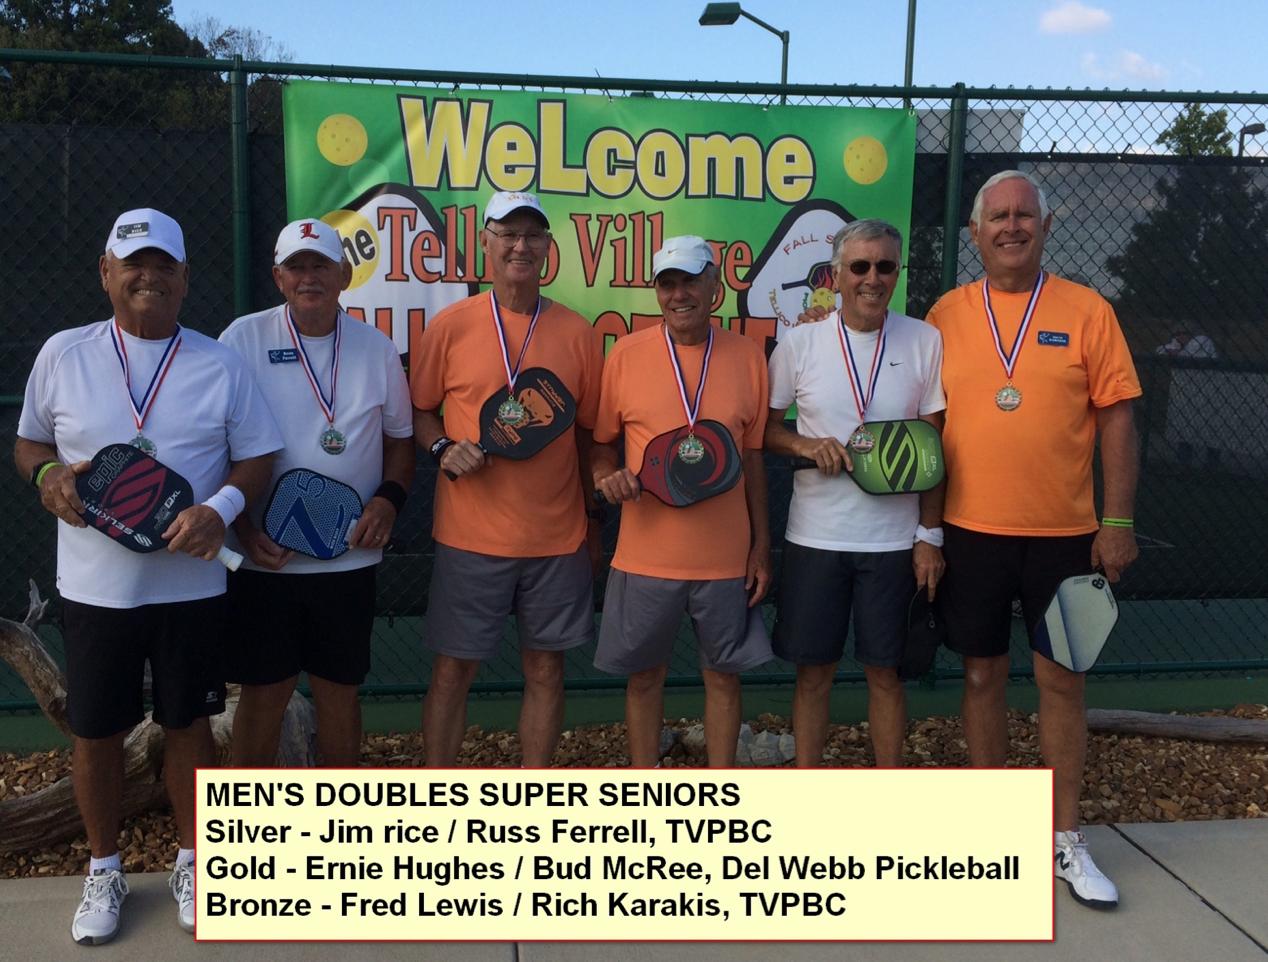 Men's Doubles - Super Seniors